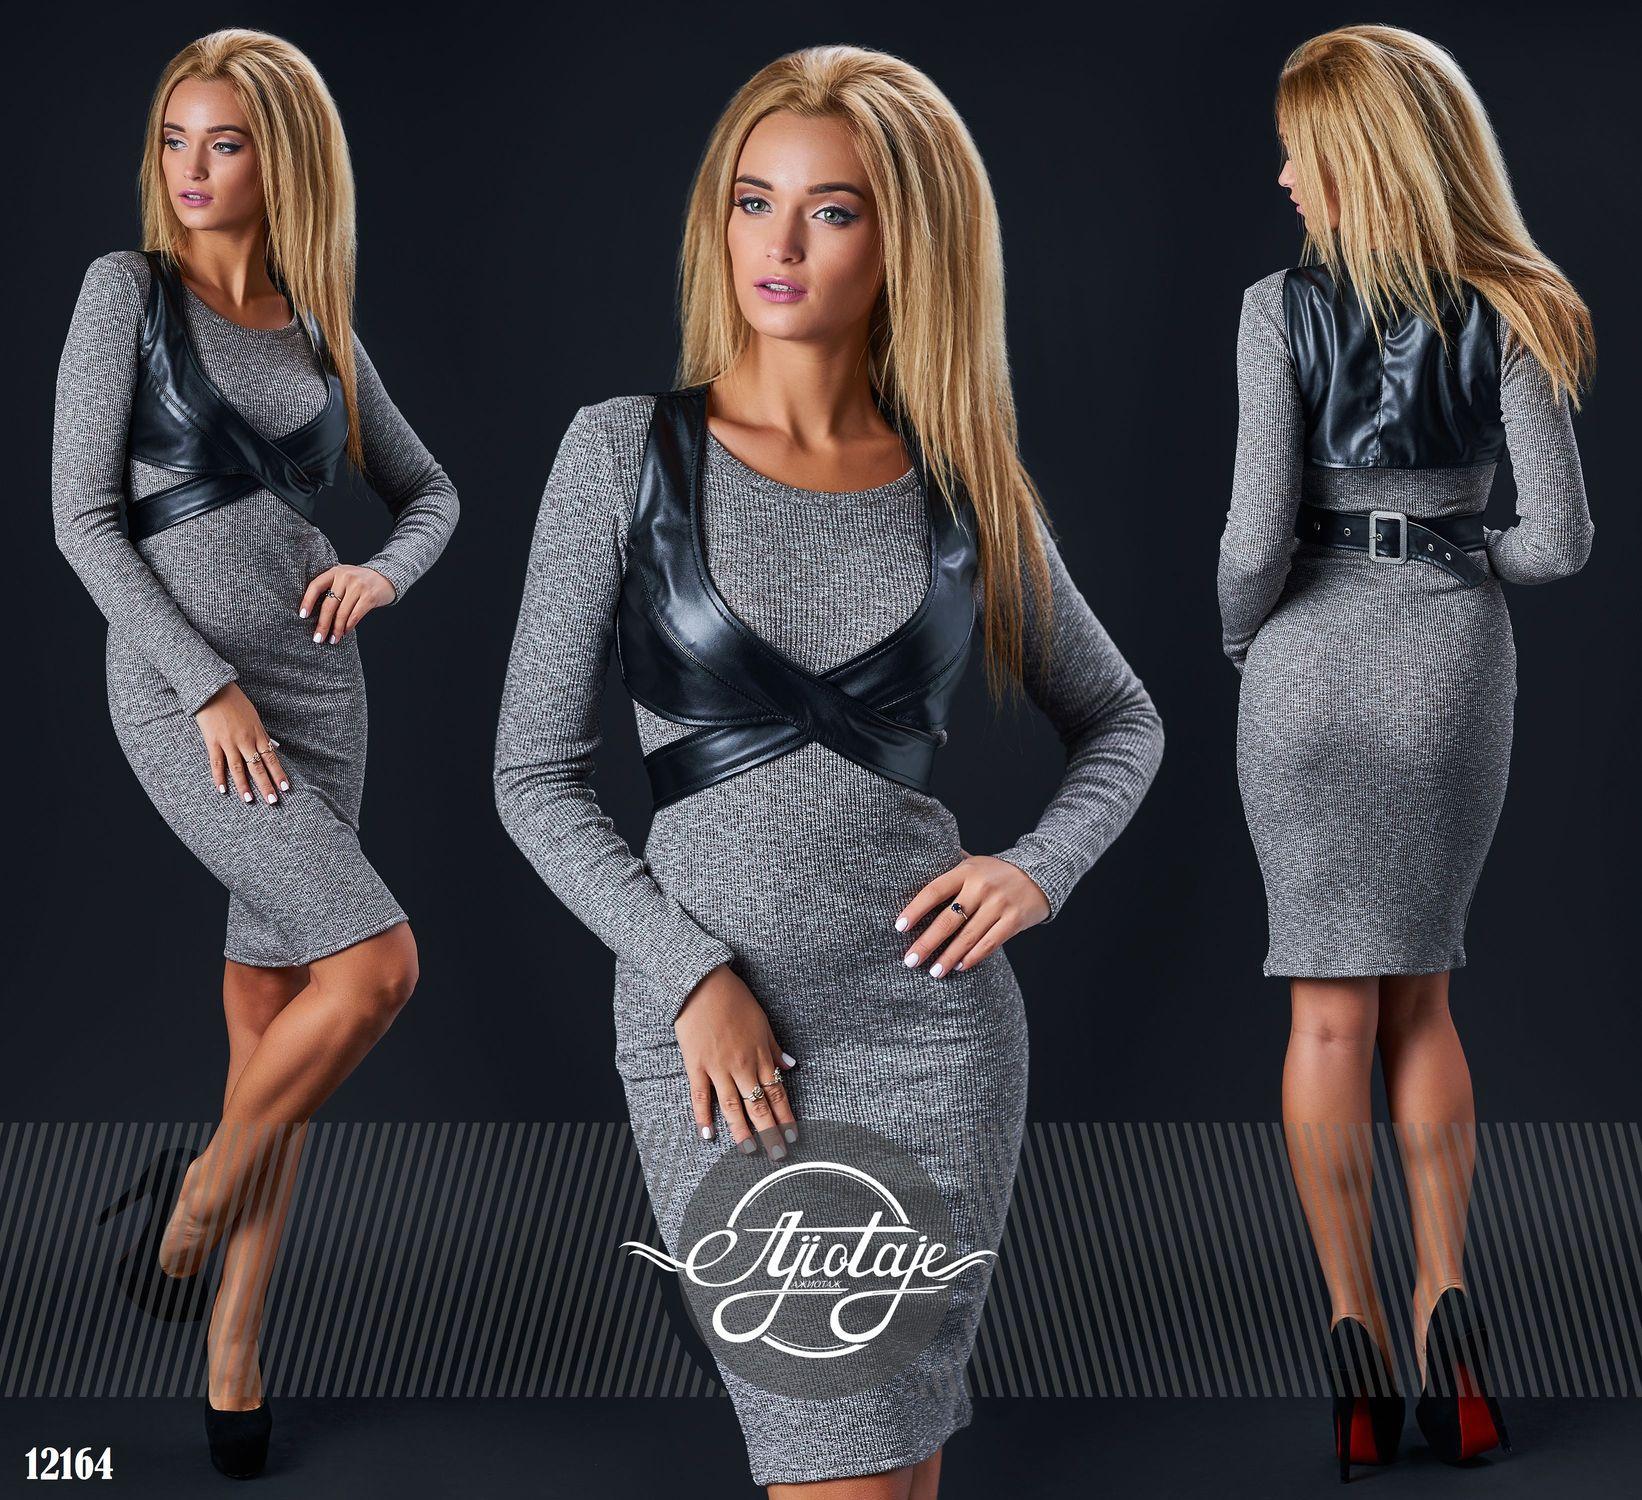 Сбор заказов. Стильно, гламурно и просто красиво! В офисе, на вечеринке и просто на прогулке. Платья, блузки, комбинезоны. Куртки, костюмы и многое другое. Известный украинский производитель! Женская, мужская одежда, есть большие размеры- 9 ЕСТЬ РАСПРОДАЖ